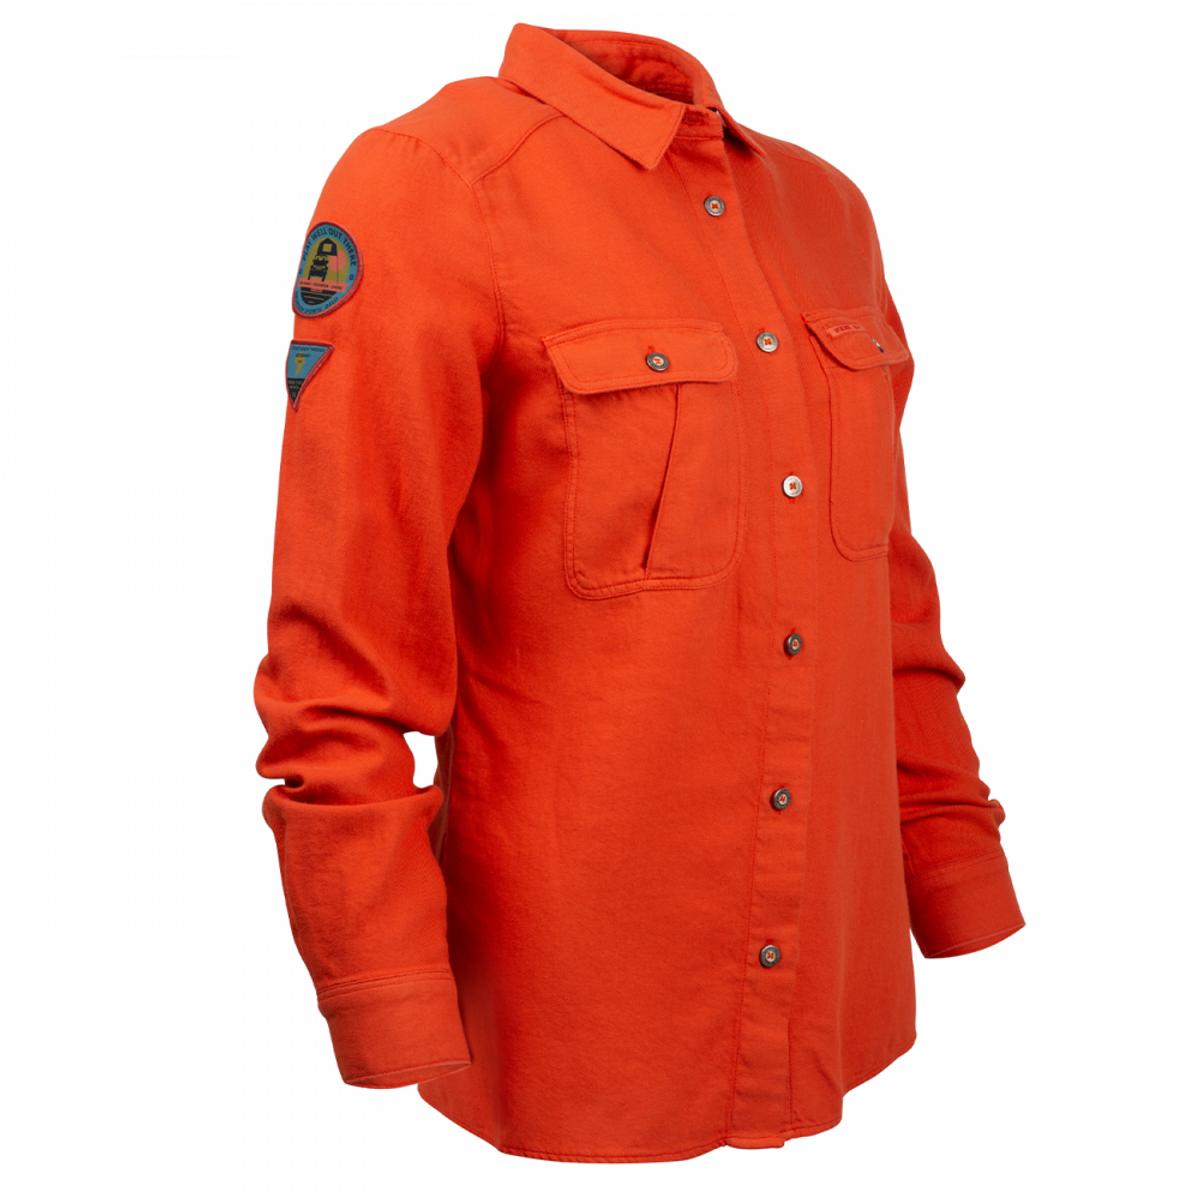 Amundsen Flannel Shirt Womens - Red Clay